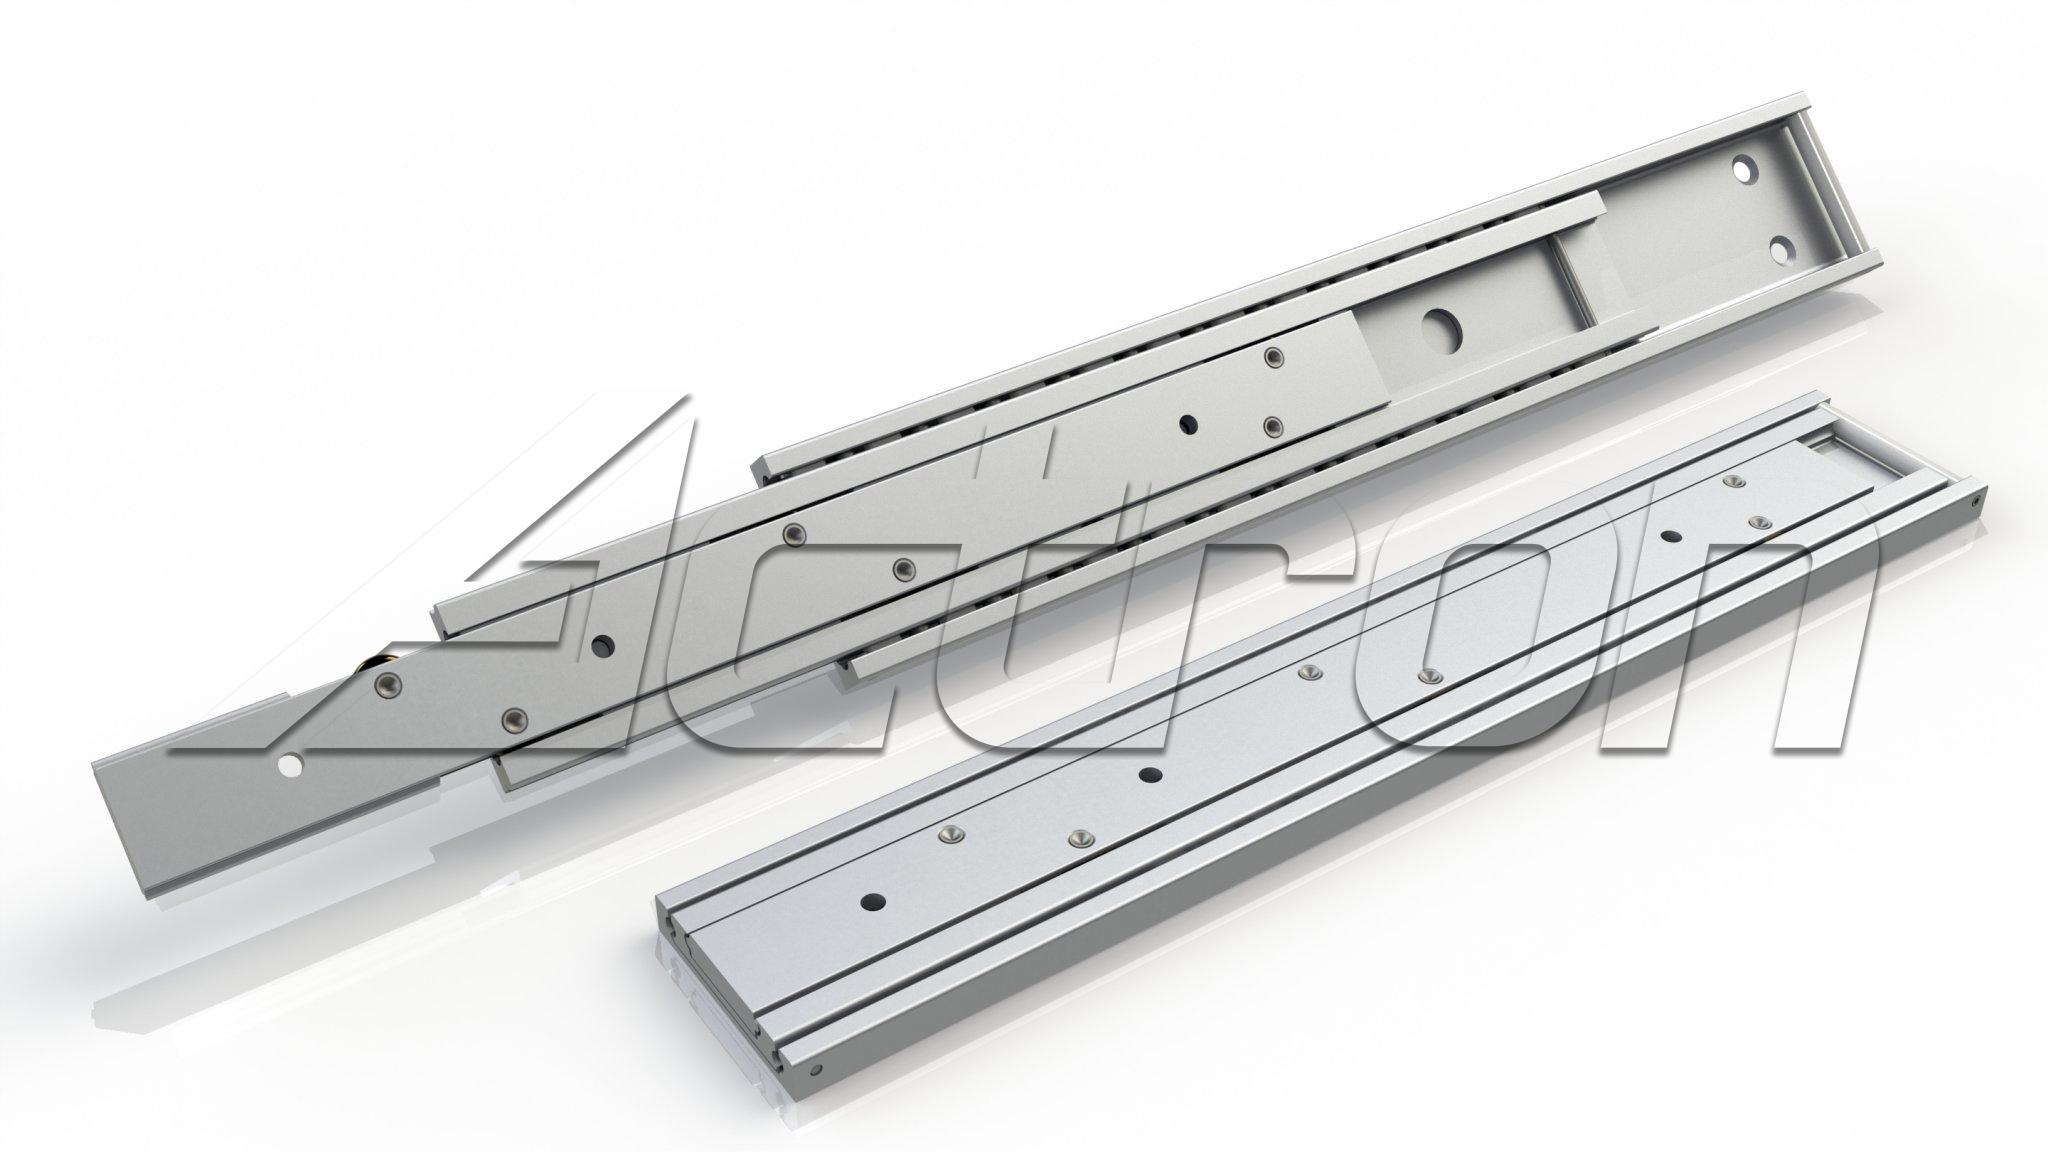 slide-assy-8211-aluminum-31-8243-x-1-62-8243-4930-a5110.jpg